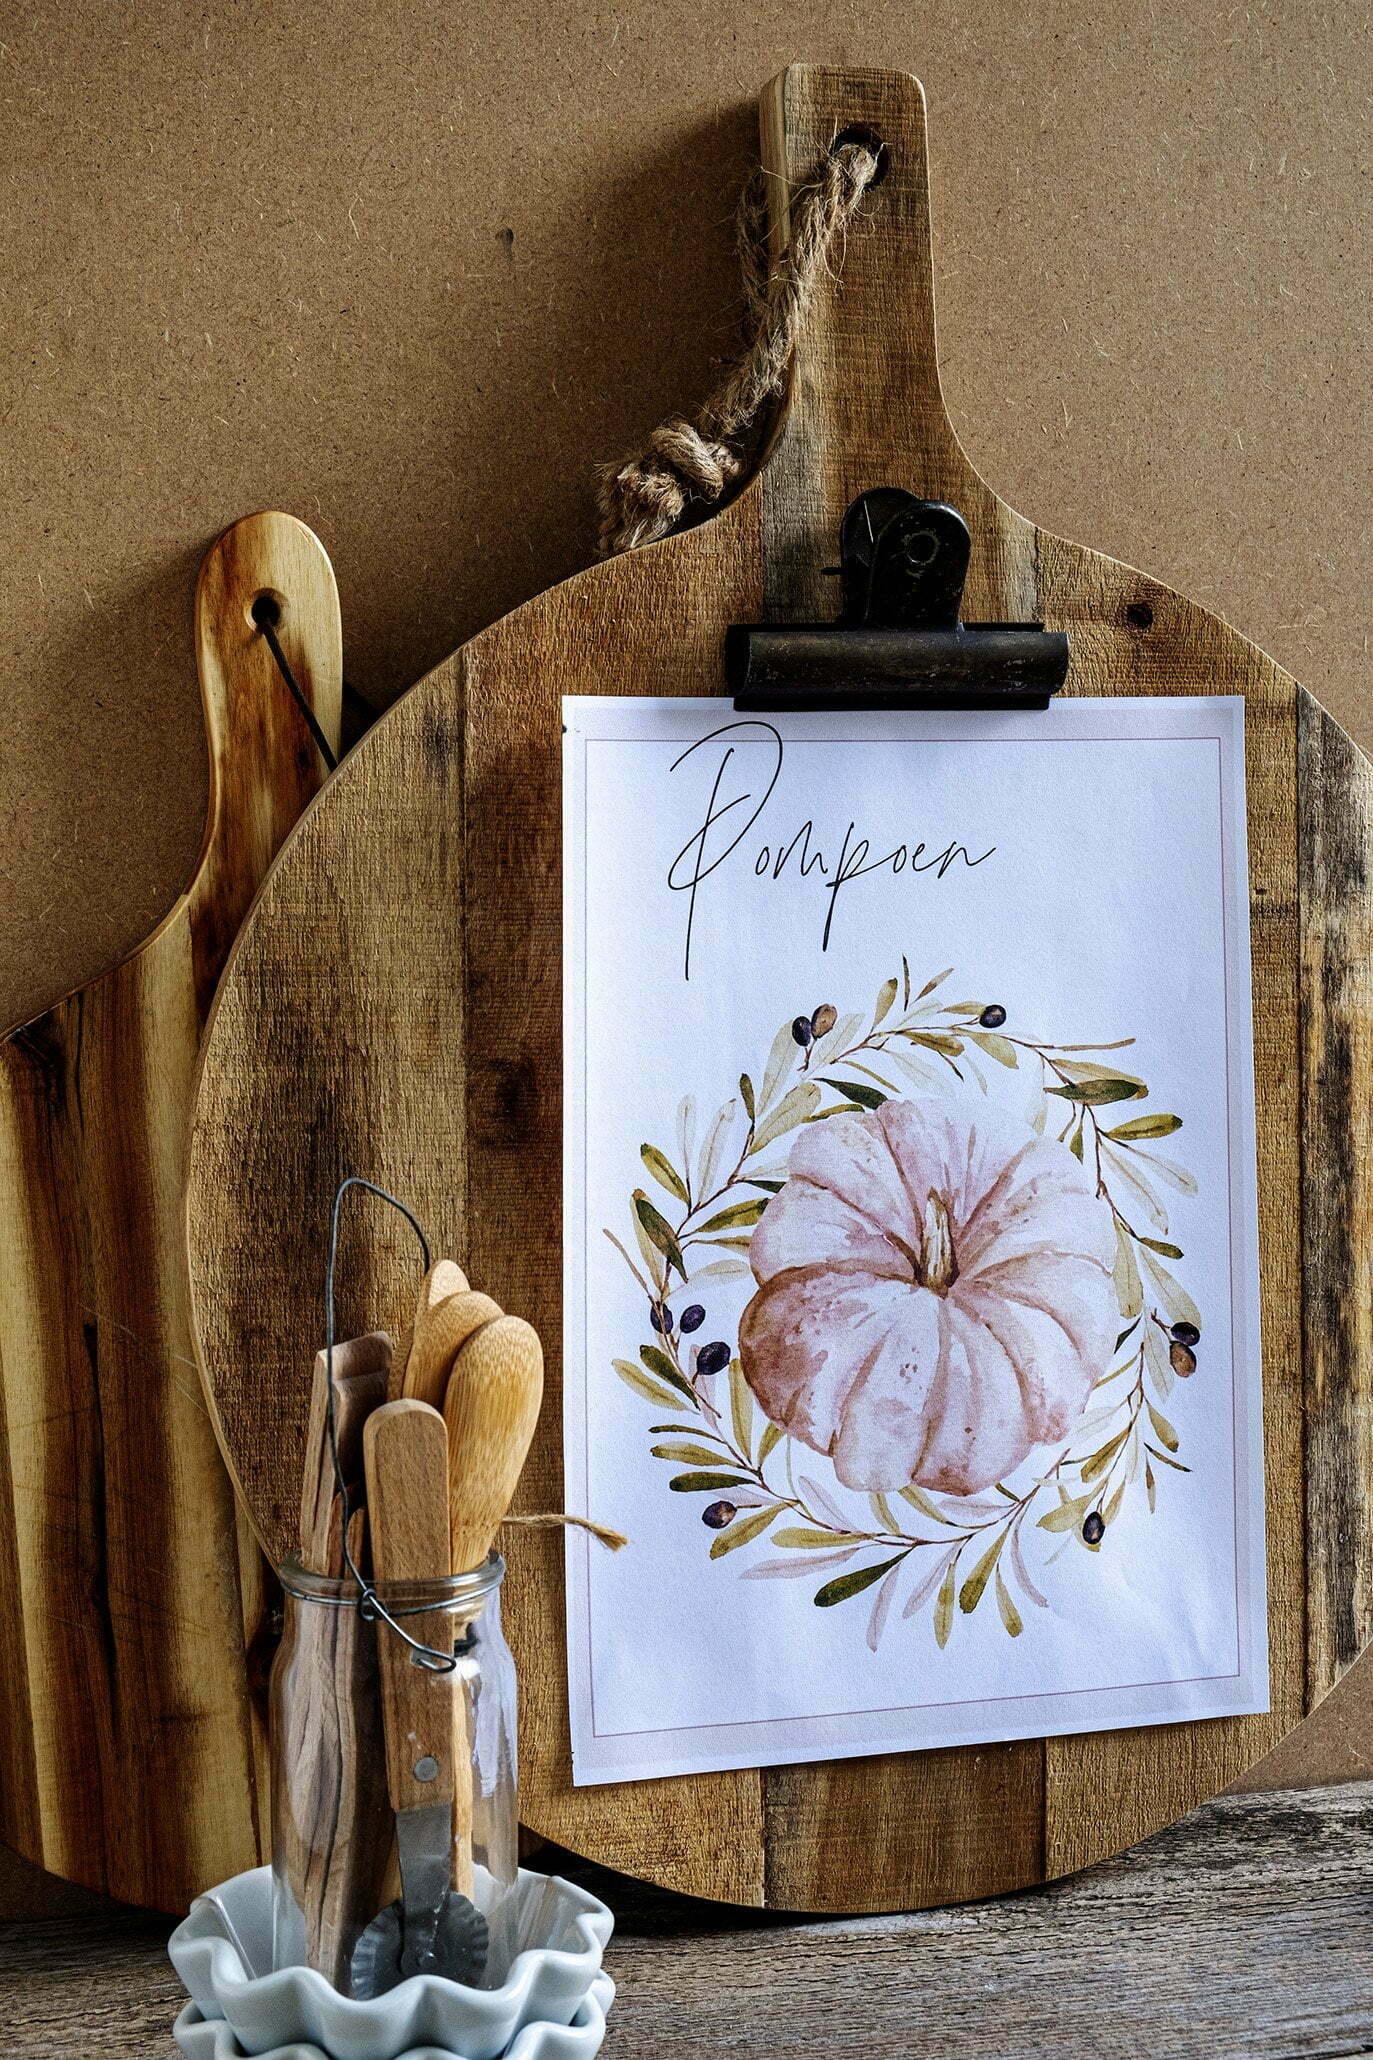 Pompoen illustratie printen voor in de keuken